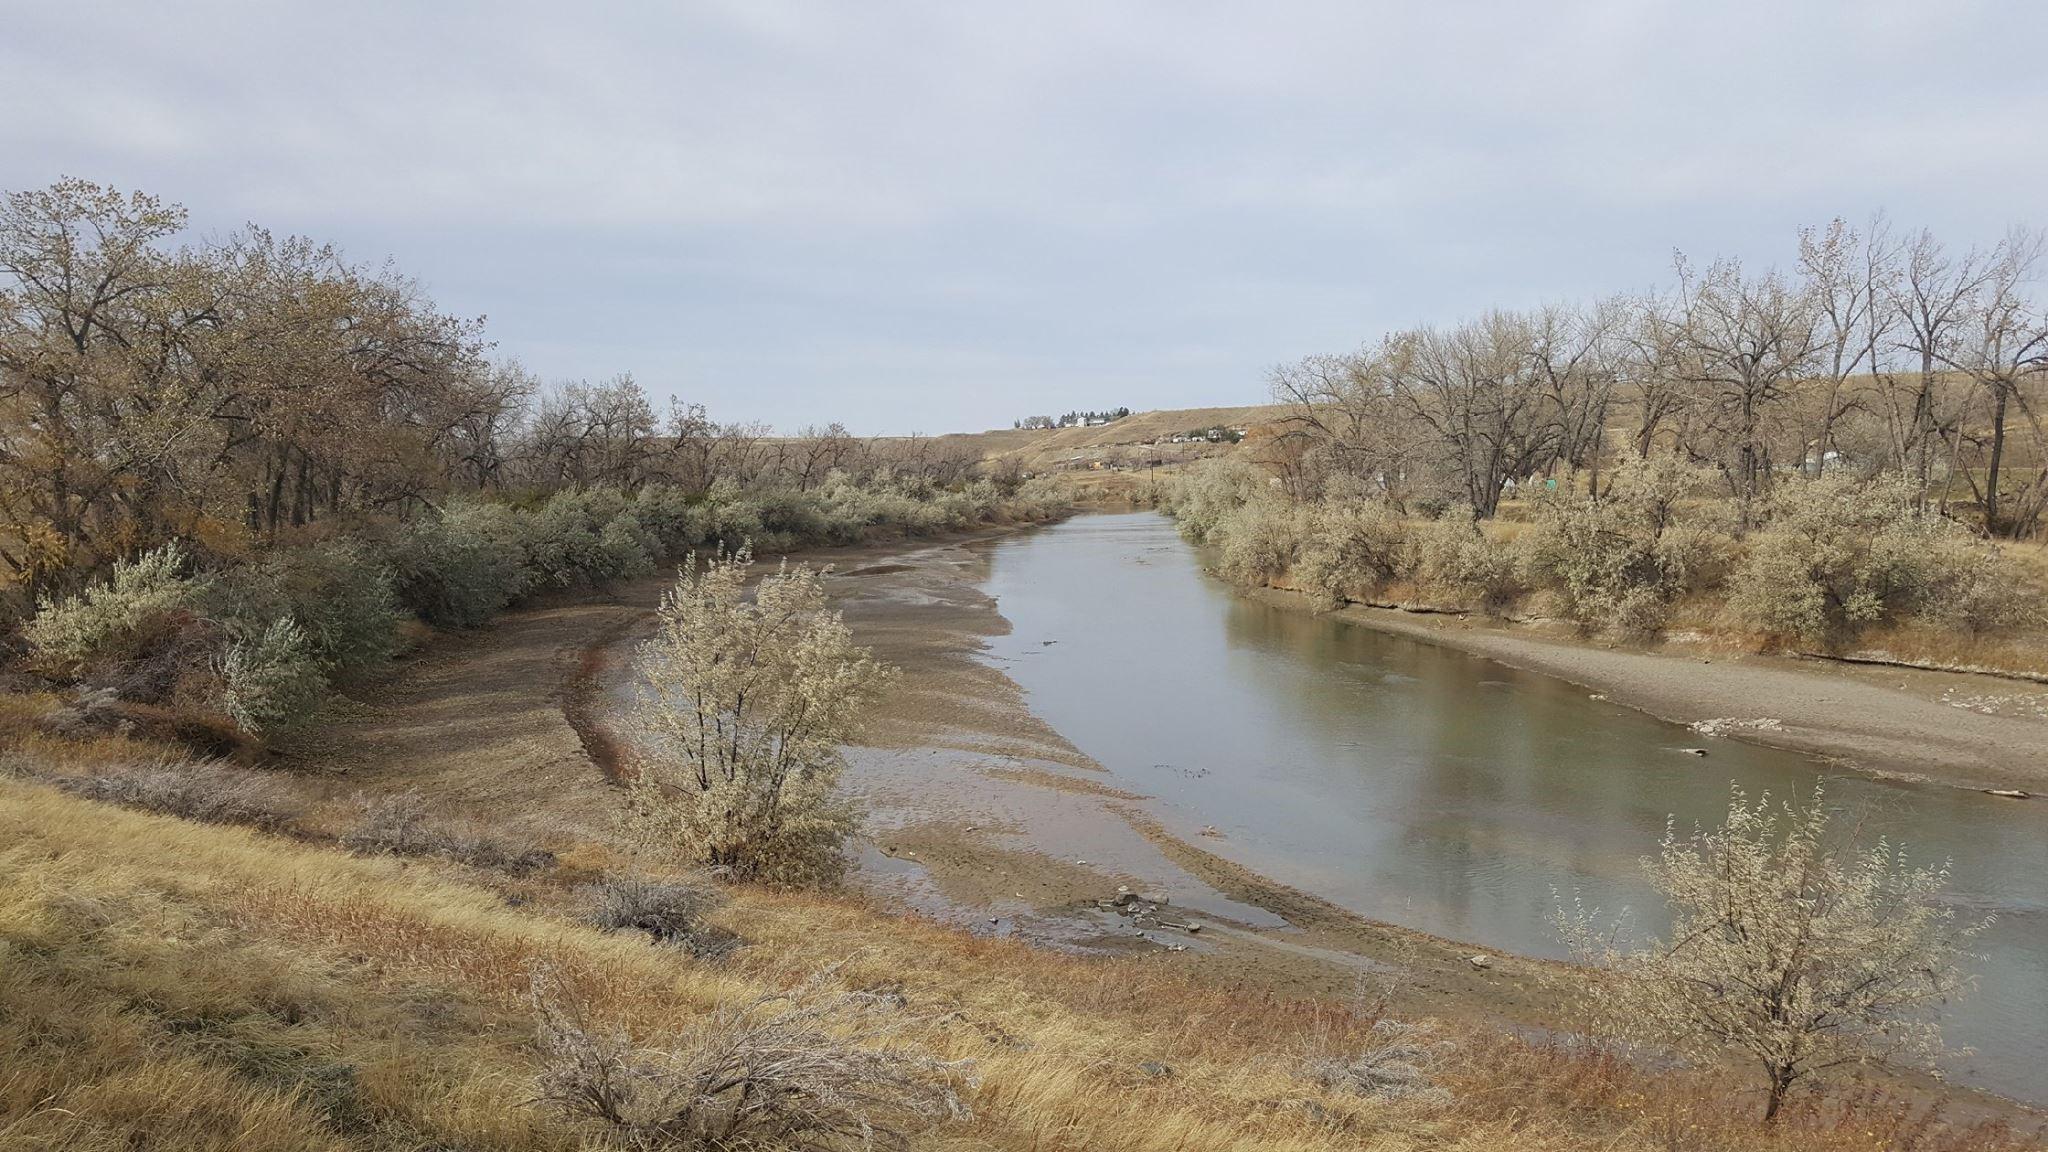 La rivière Milk a connu, au cours de l'été et de l'automne 2017, l'une de ses pires périodes de sécheresse jamais enregistrées. Les utilisateurs d'eau au Canada et aux États-Unis ont cessé les pratiques d'irrigation en août. Mention de source : Milk River Watershed Alliance